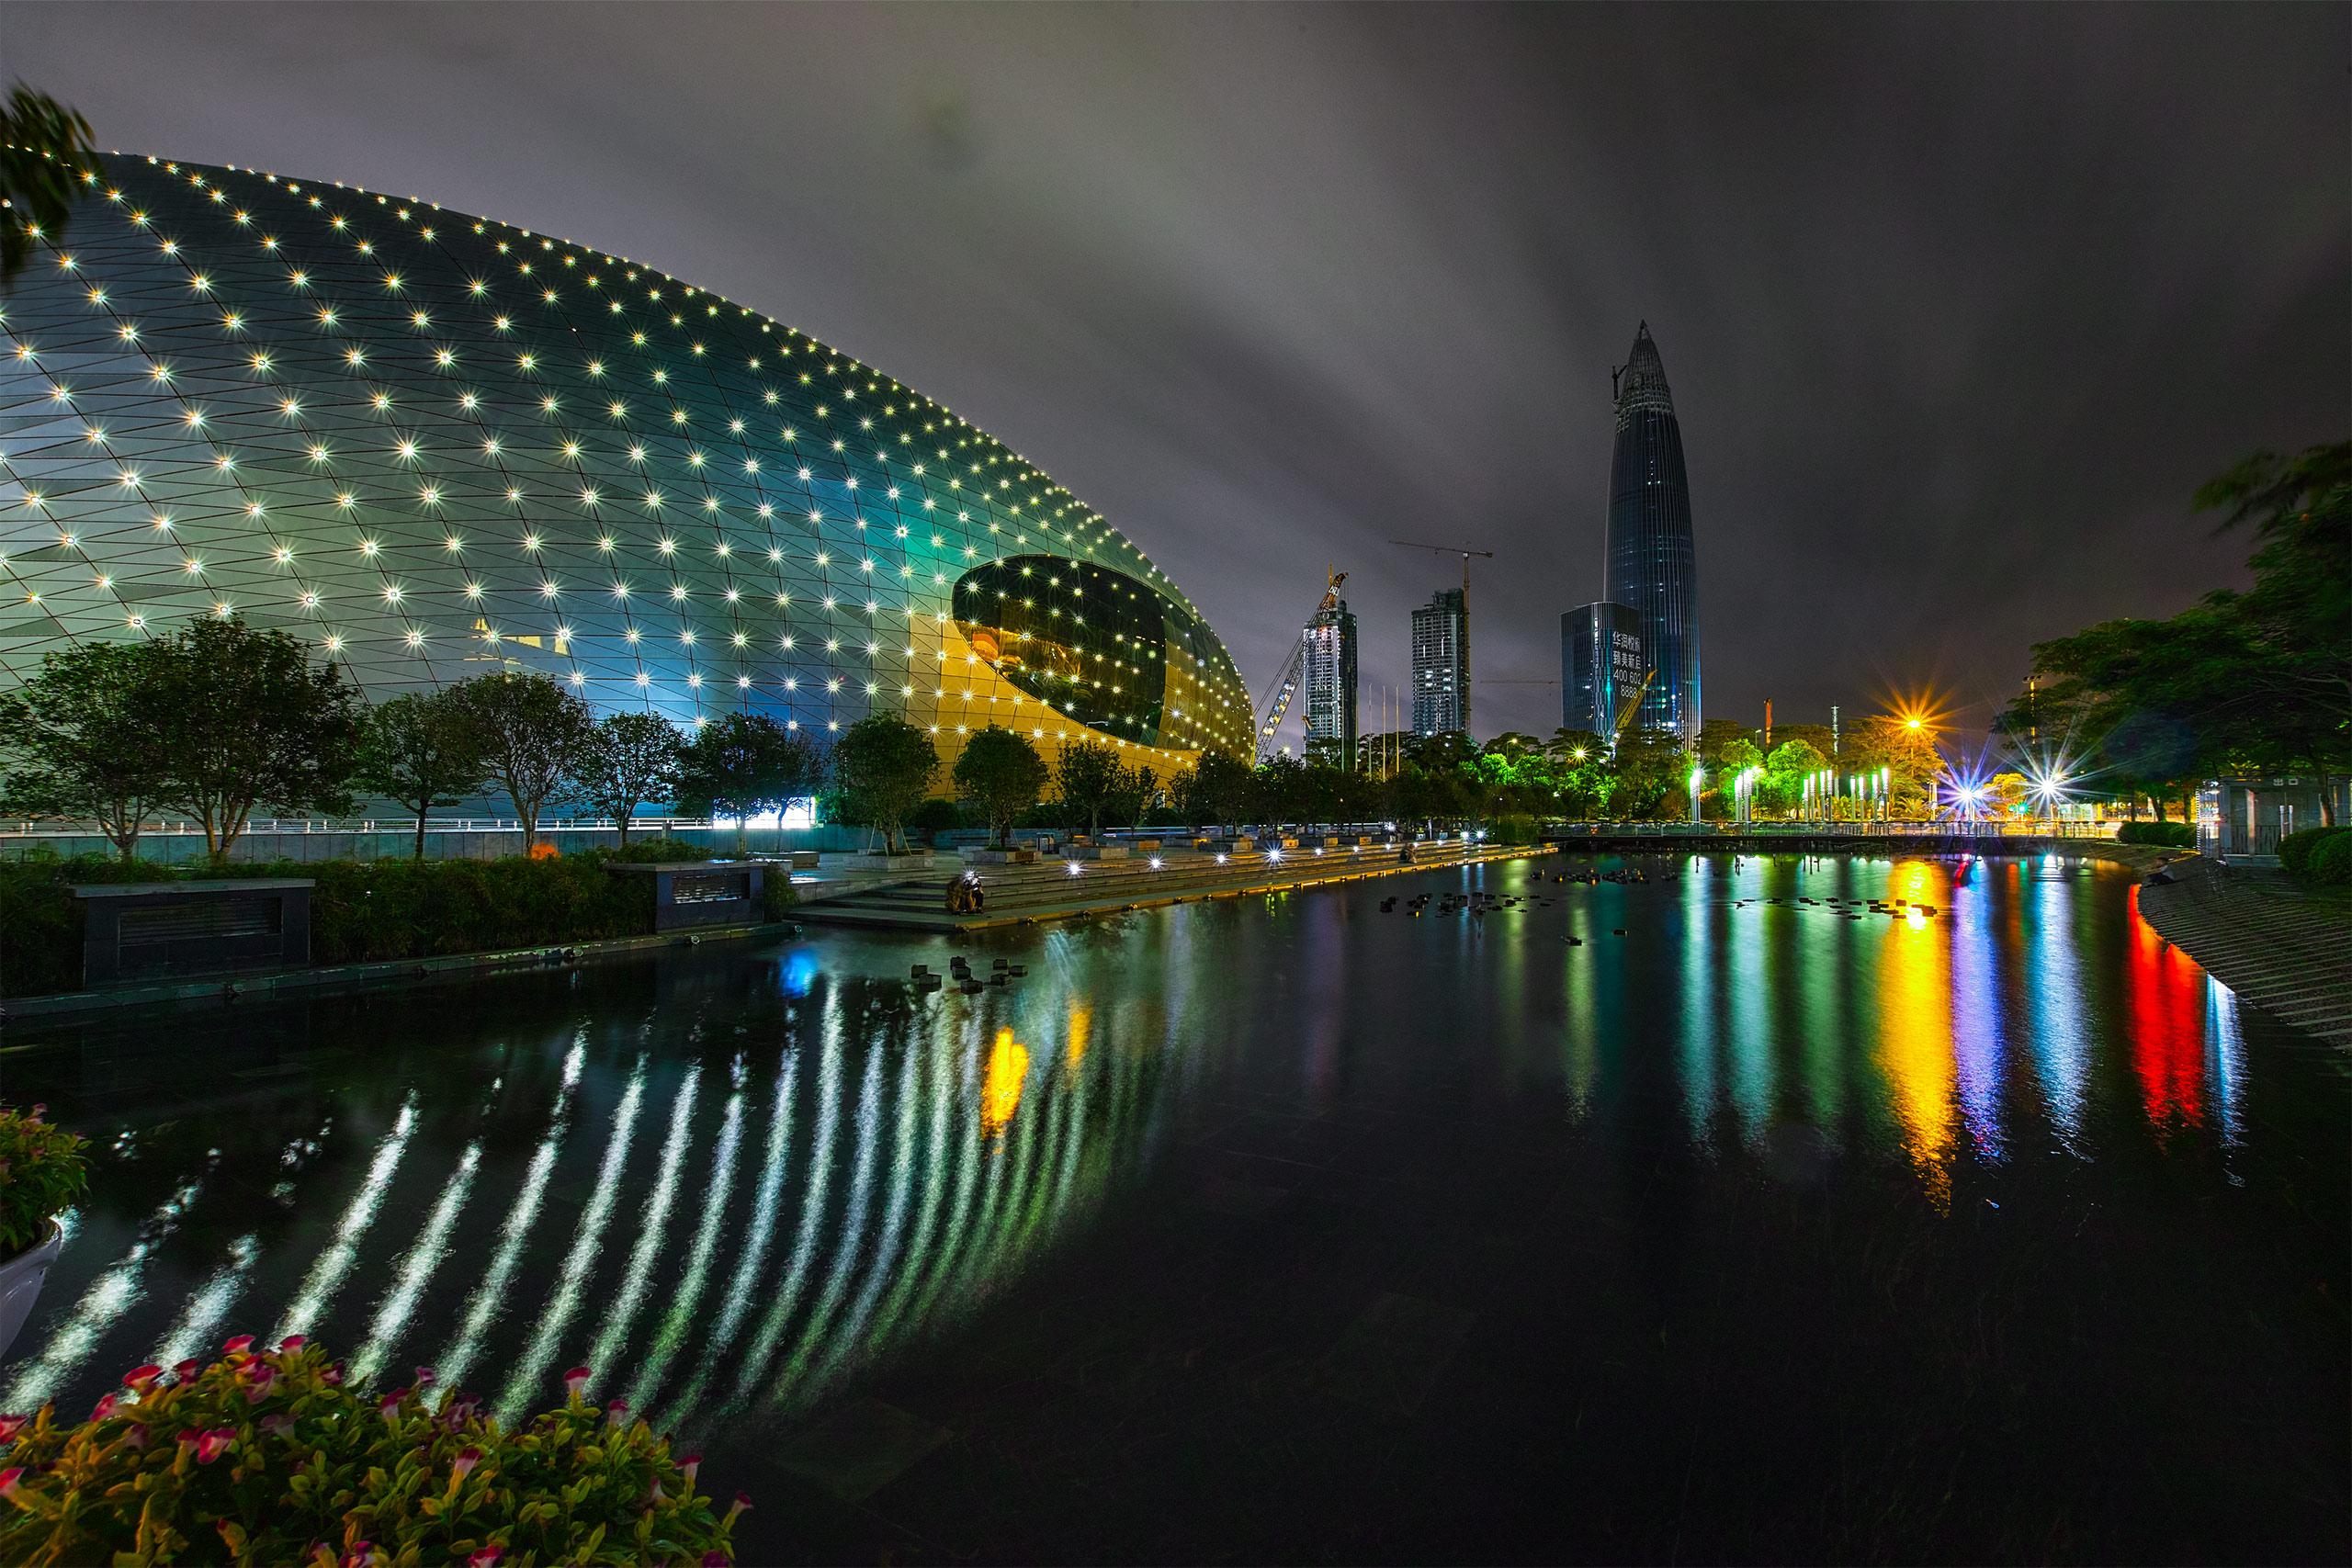 花工作品:雨中海岸城夜景